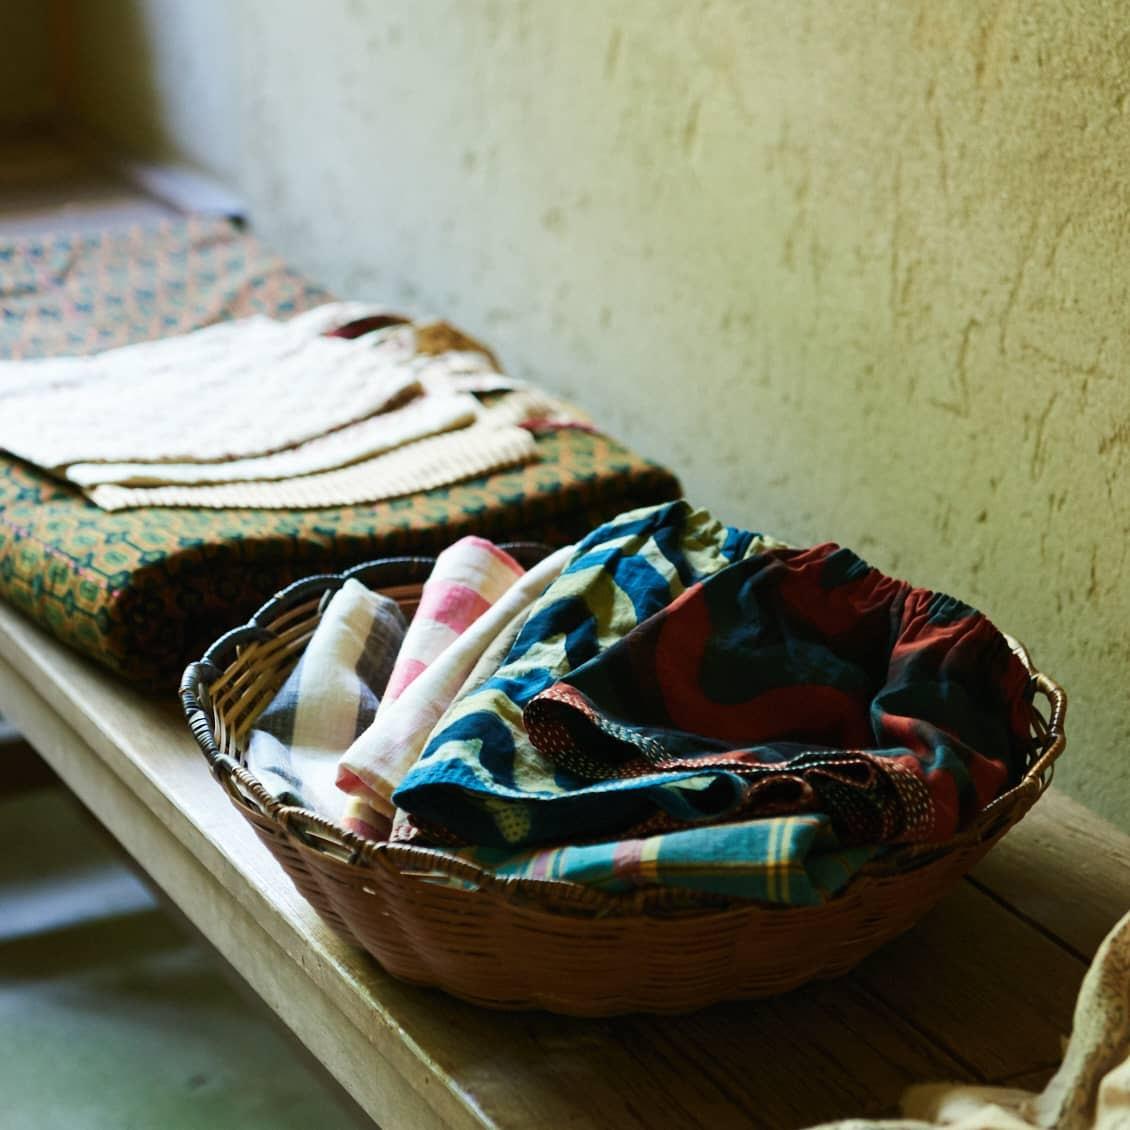 【フィットするしごと】前編:夢の在りかはたまたまインド。「ハンカチを縫う」から始めたビジネス(nimai-nitai・廣中桃子さん)